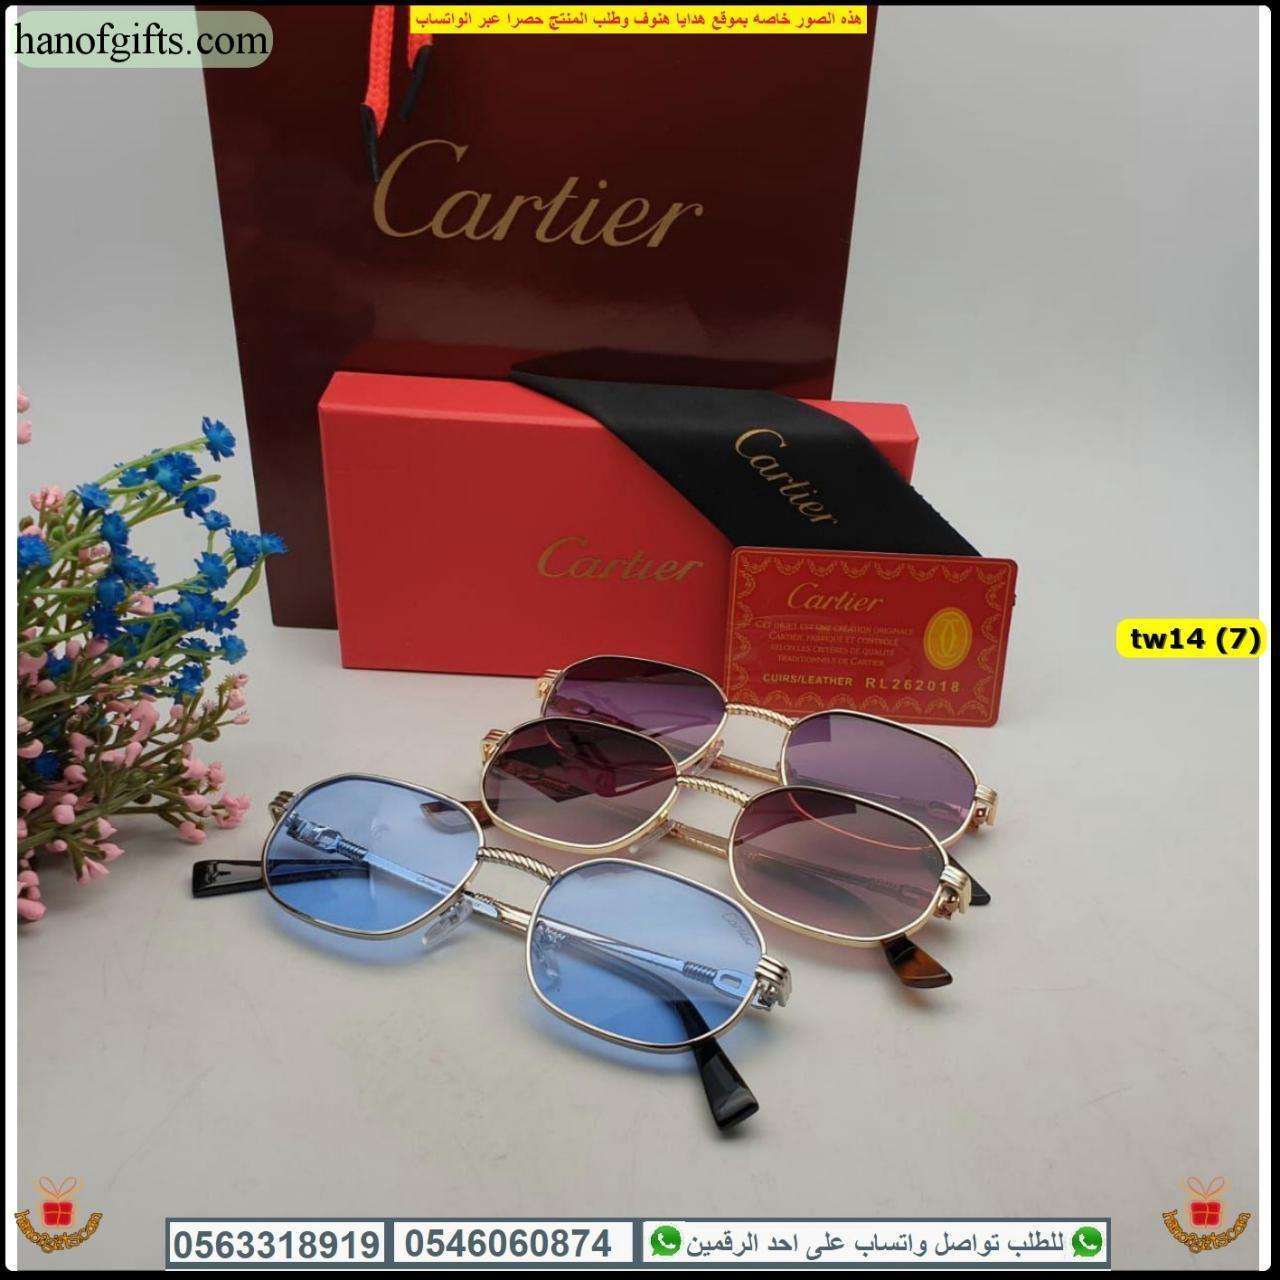 نظارات كارتير 2020